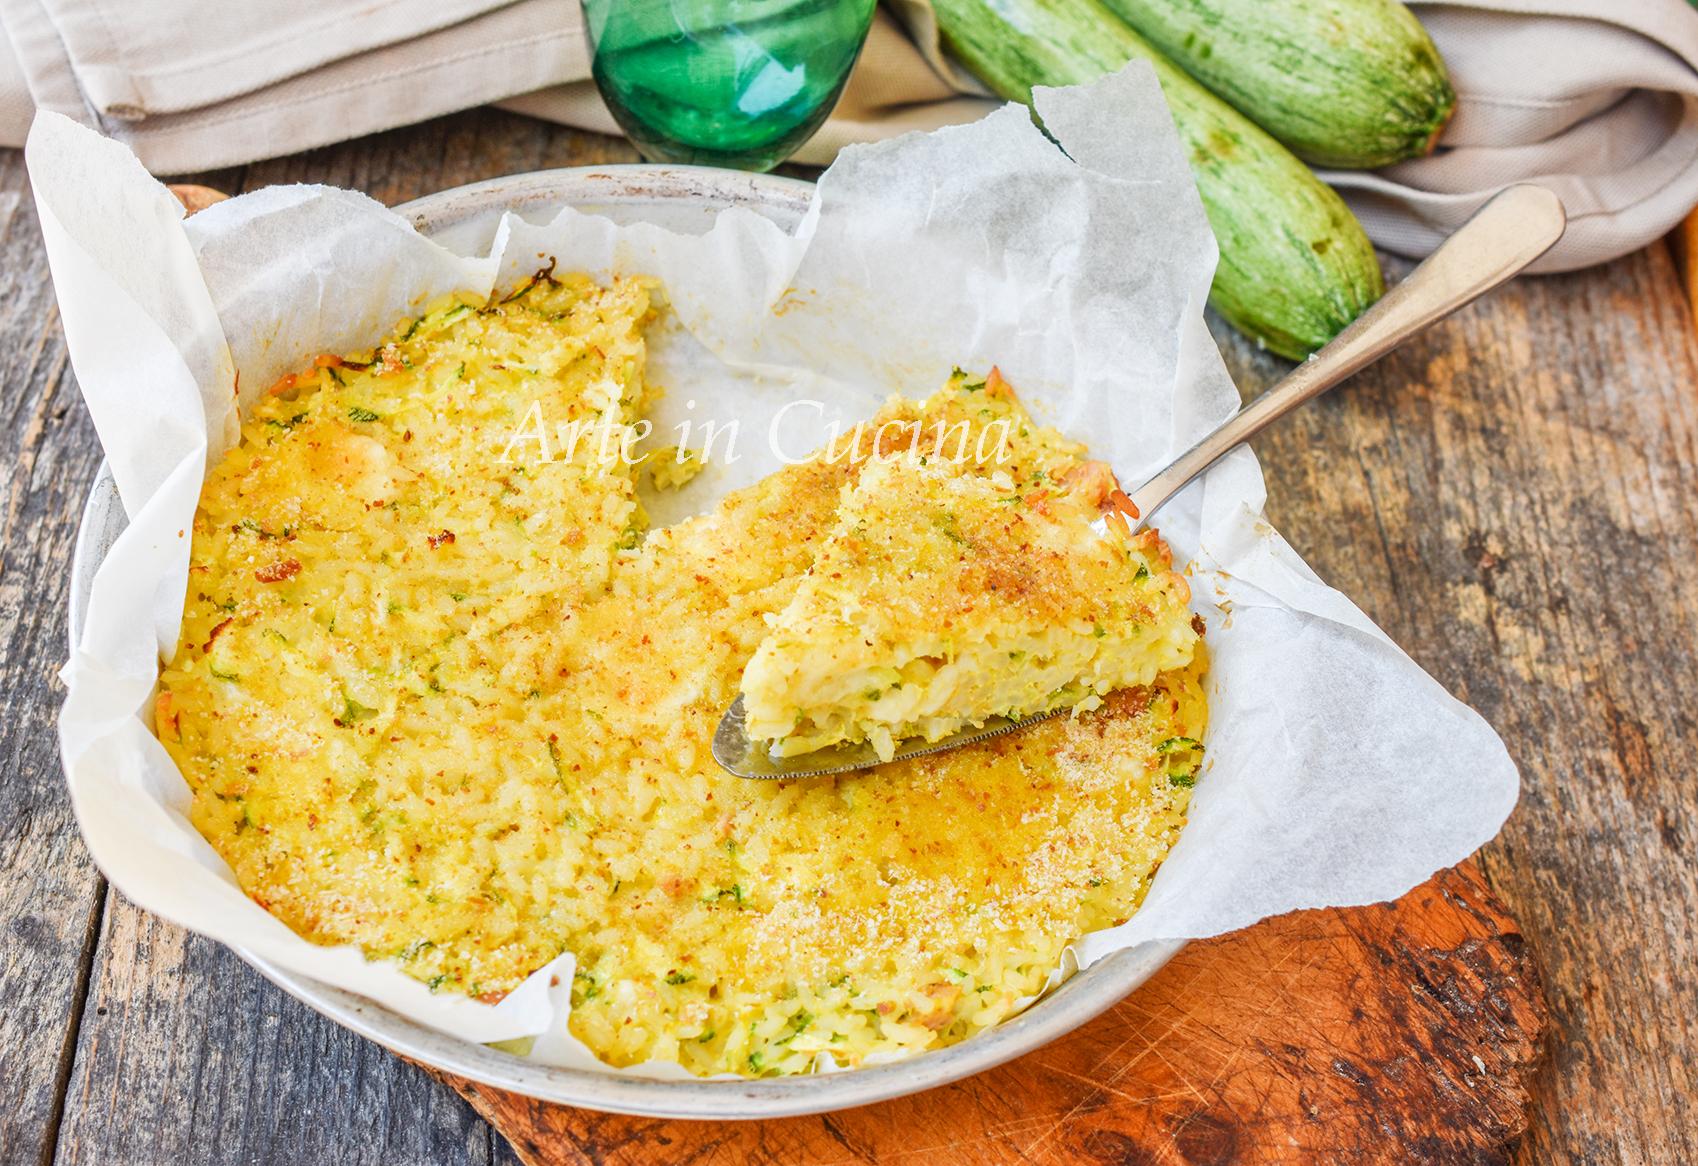 Frittata di riso con zucchine al forno o in padella